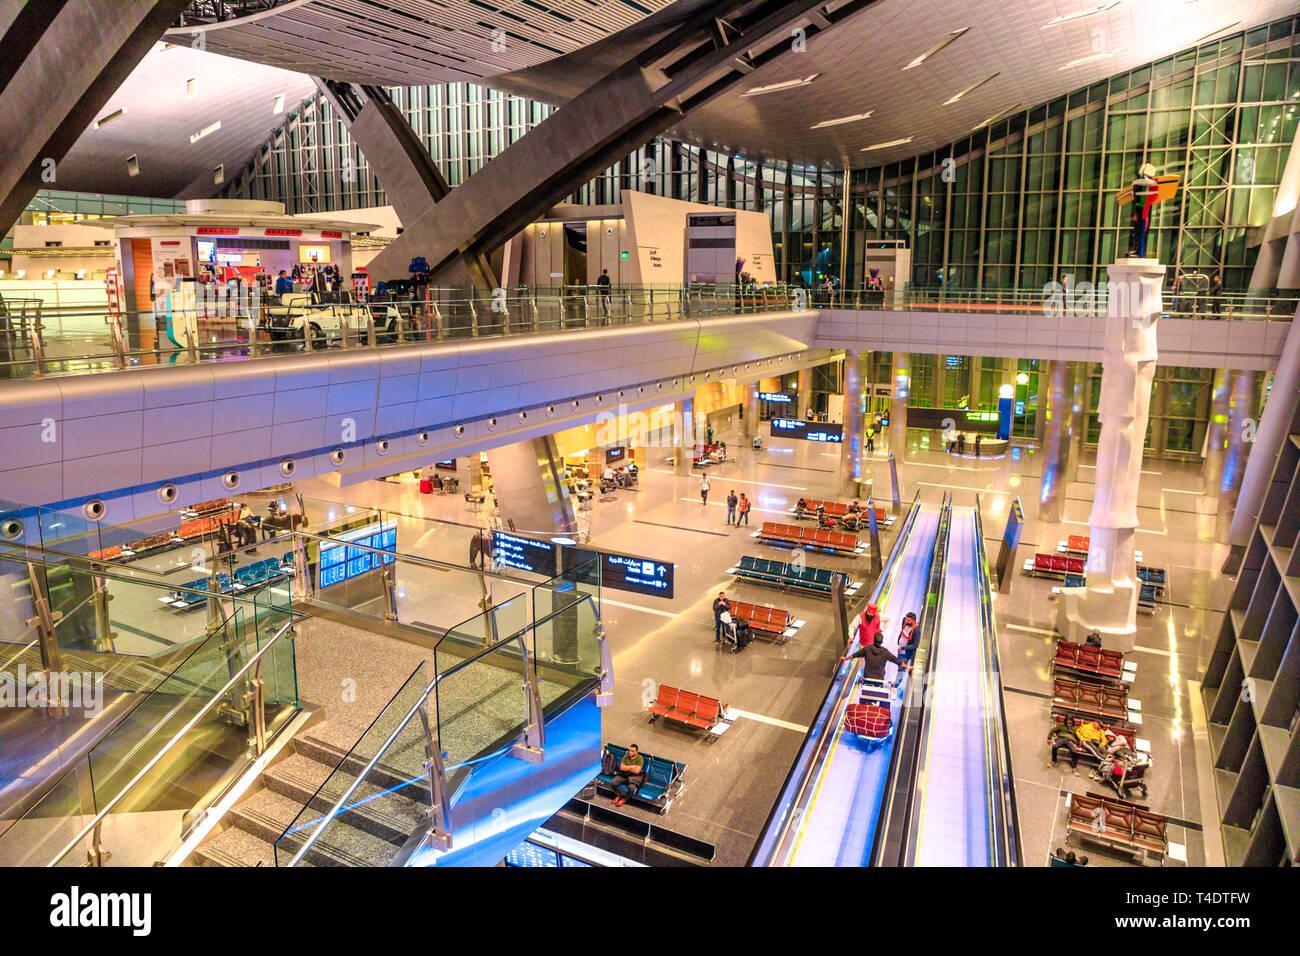 Doha, Qatar - 24 Février 2019: Vue aérienne de l'intérieur hall et indexation de l'Aéroport International Hamad Hamad Doha ou l'aéroport, le seul aéroport de Banque D'Images